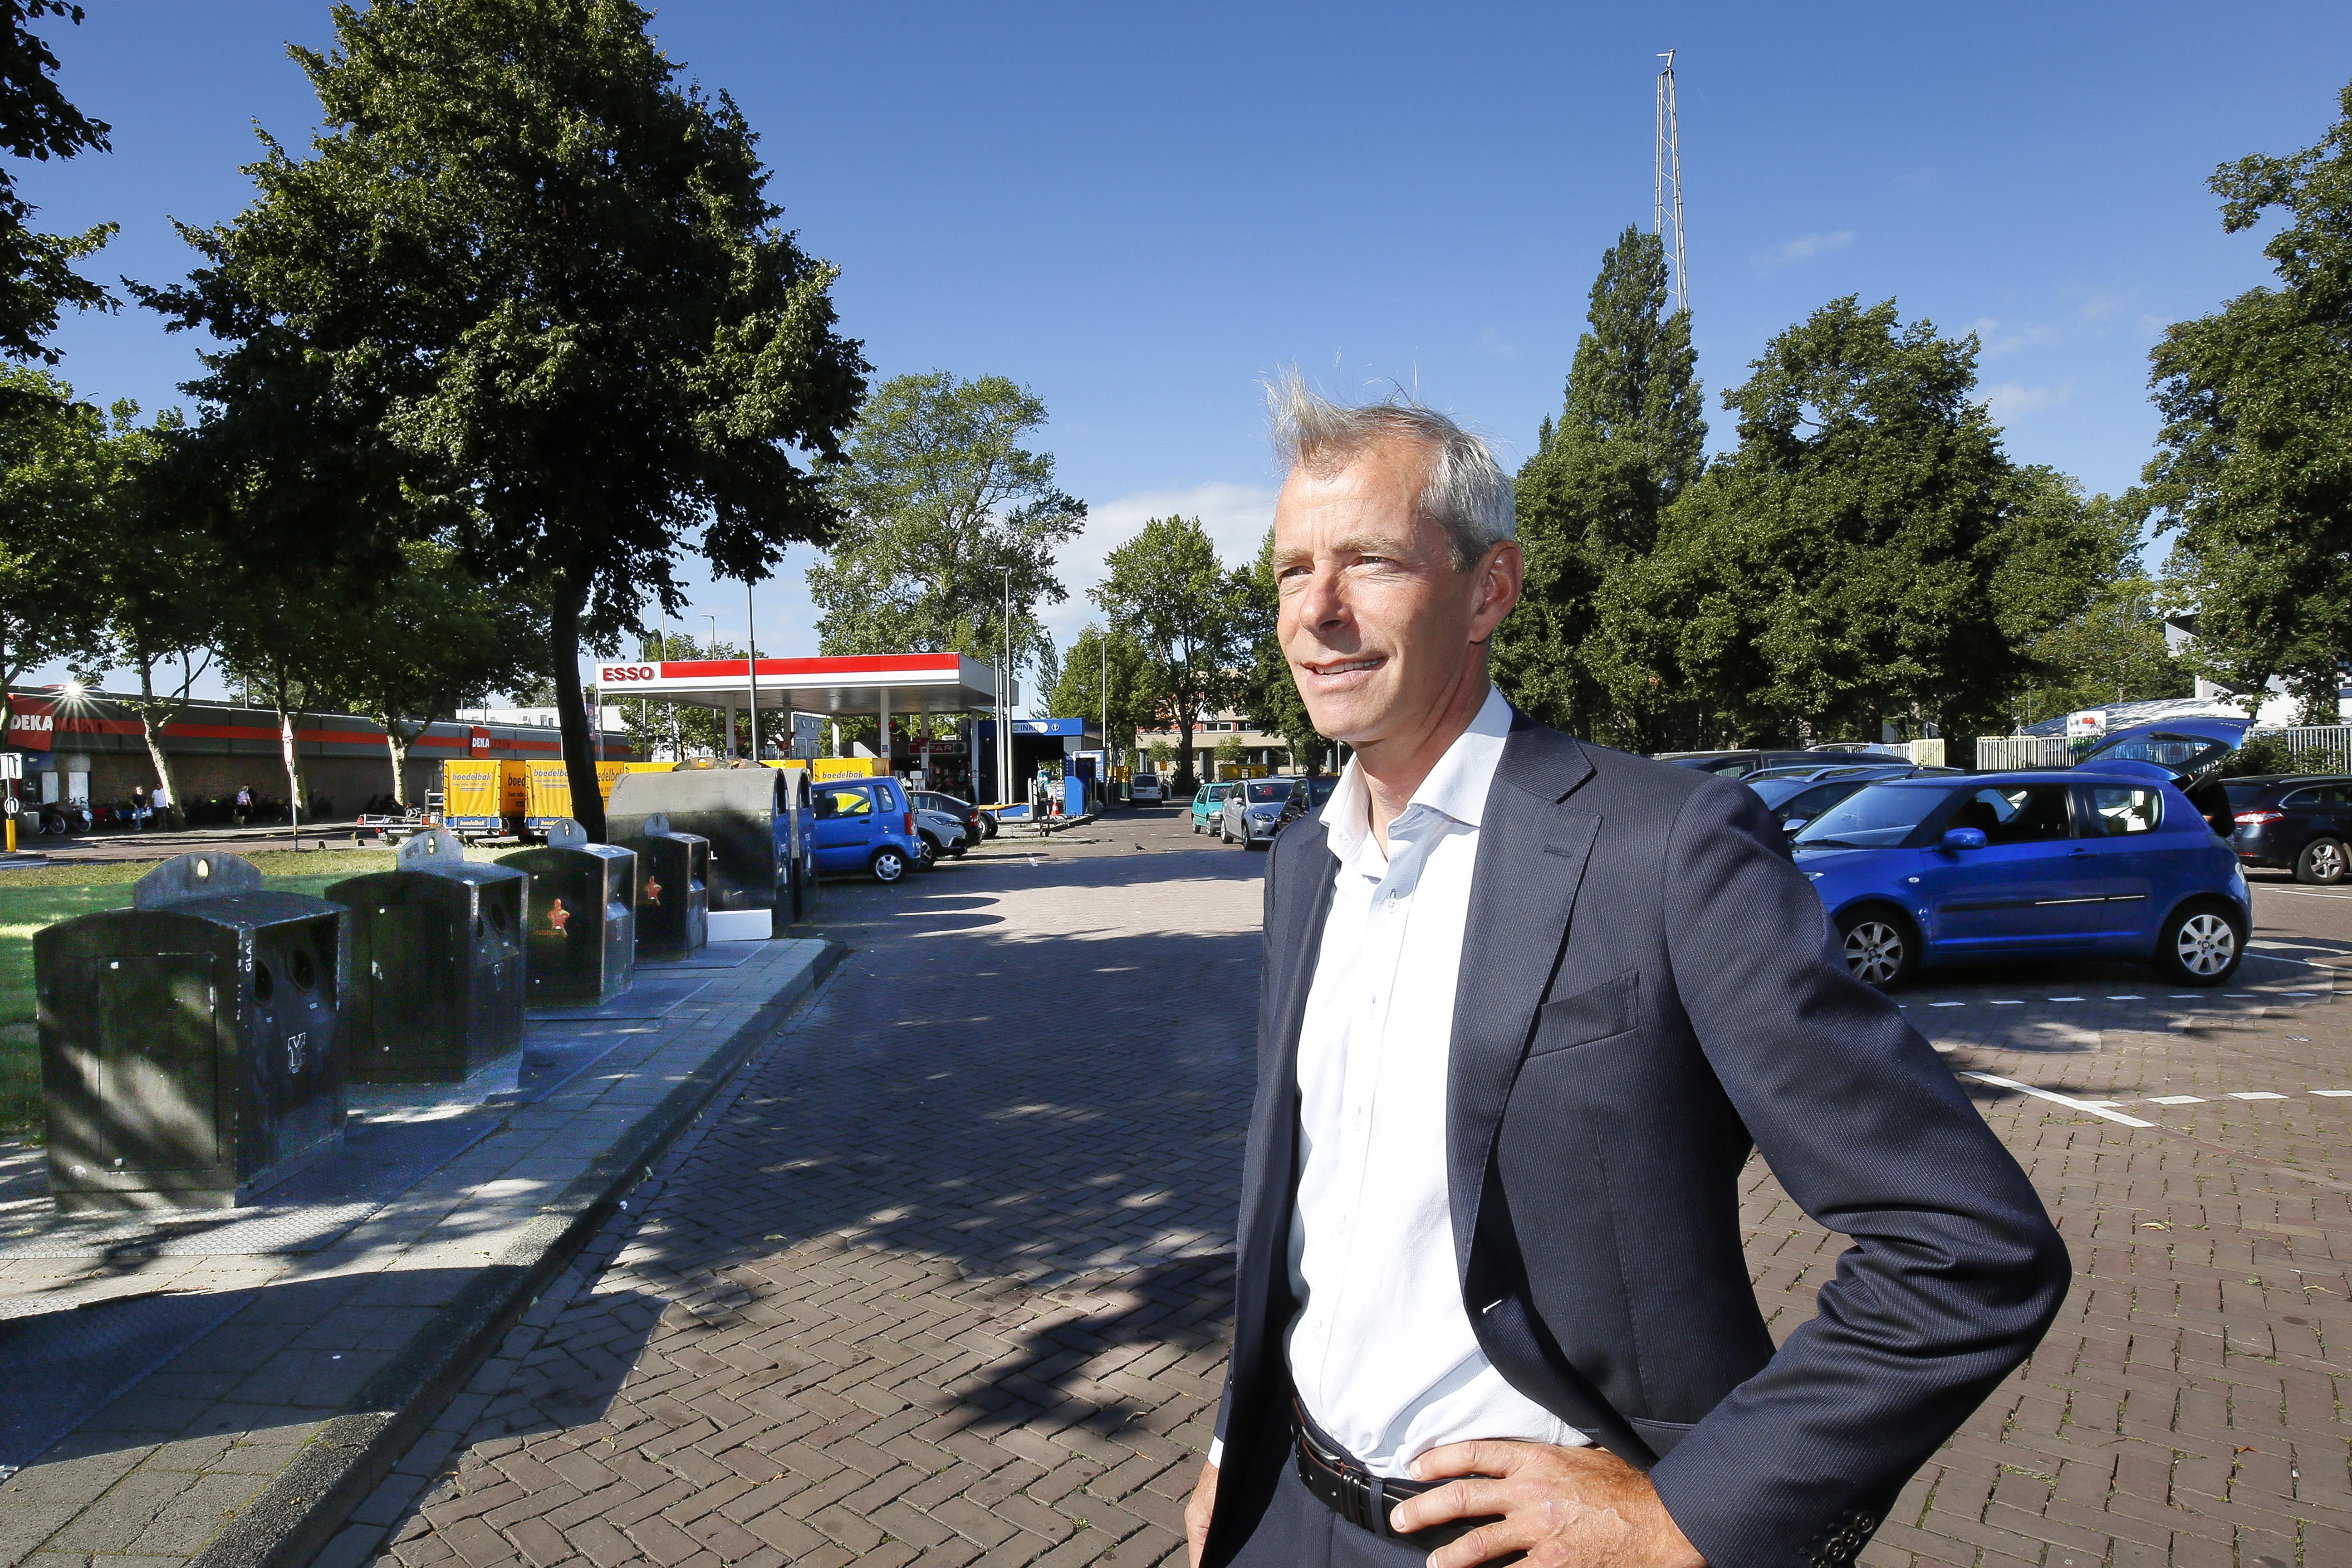 Grootse plannen voor Haarlemse zorginstelling Sint Jacob: 'Het is onderdeel van de zorg van de toekomst'